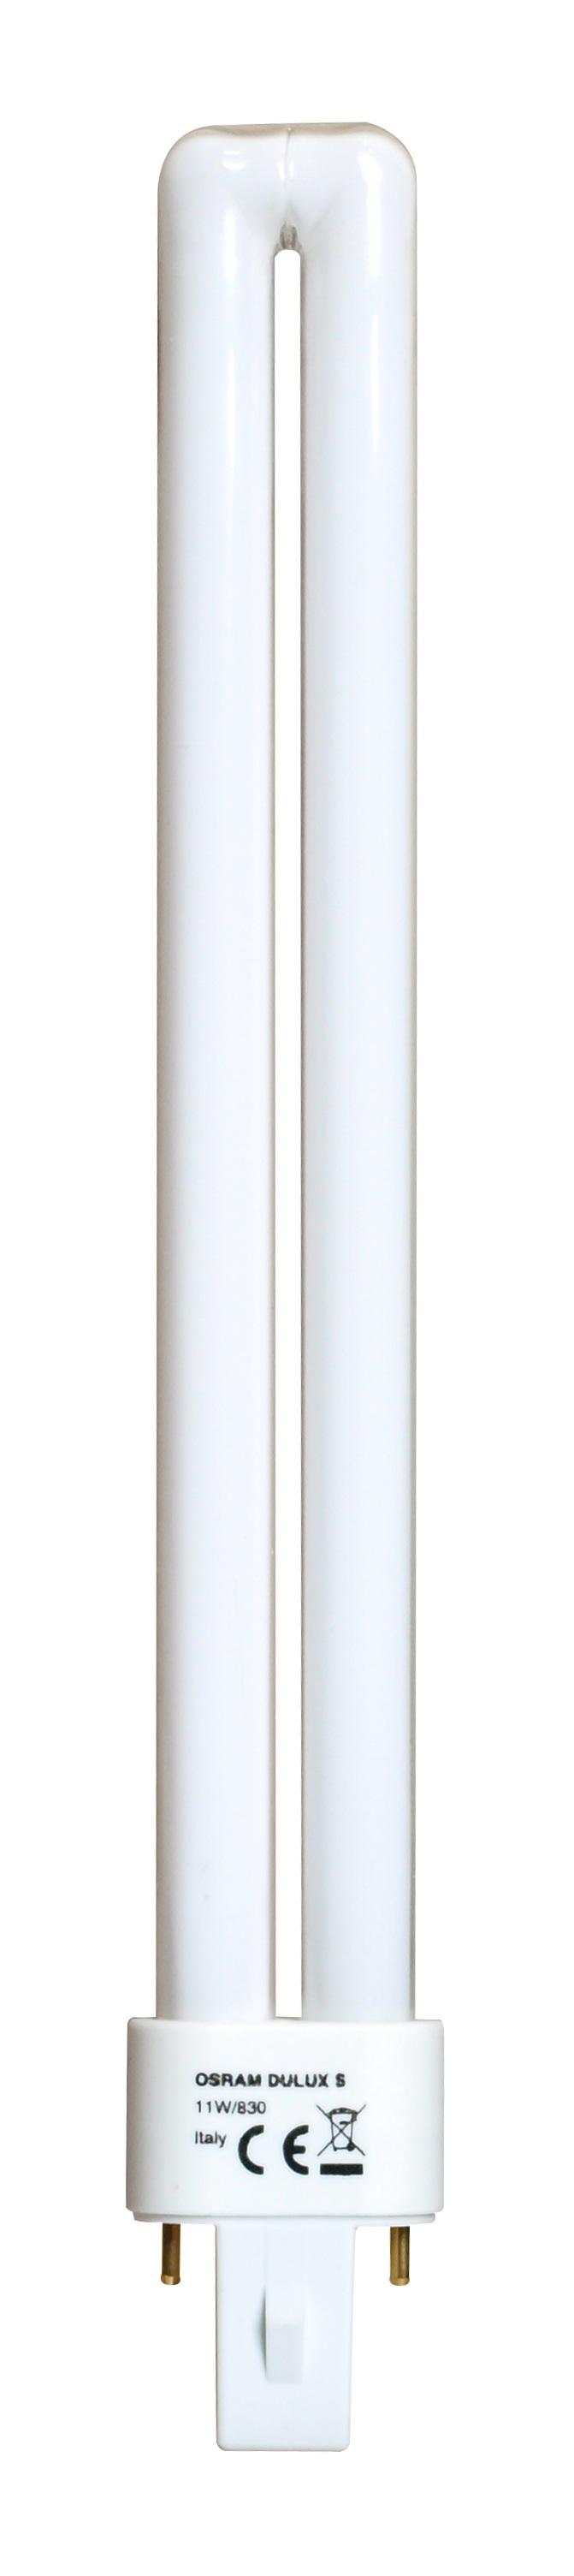 1 Stk TC-S 11W/830 G23, Kompaktleuchtstofflampe LI5V025739